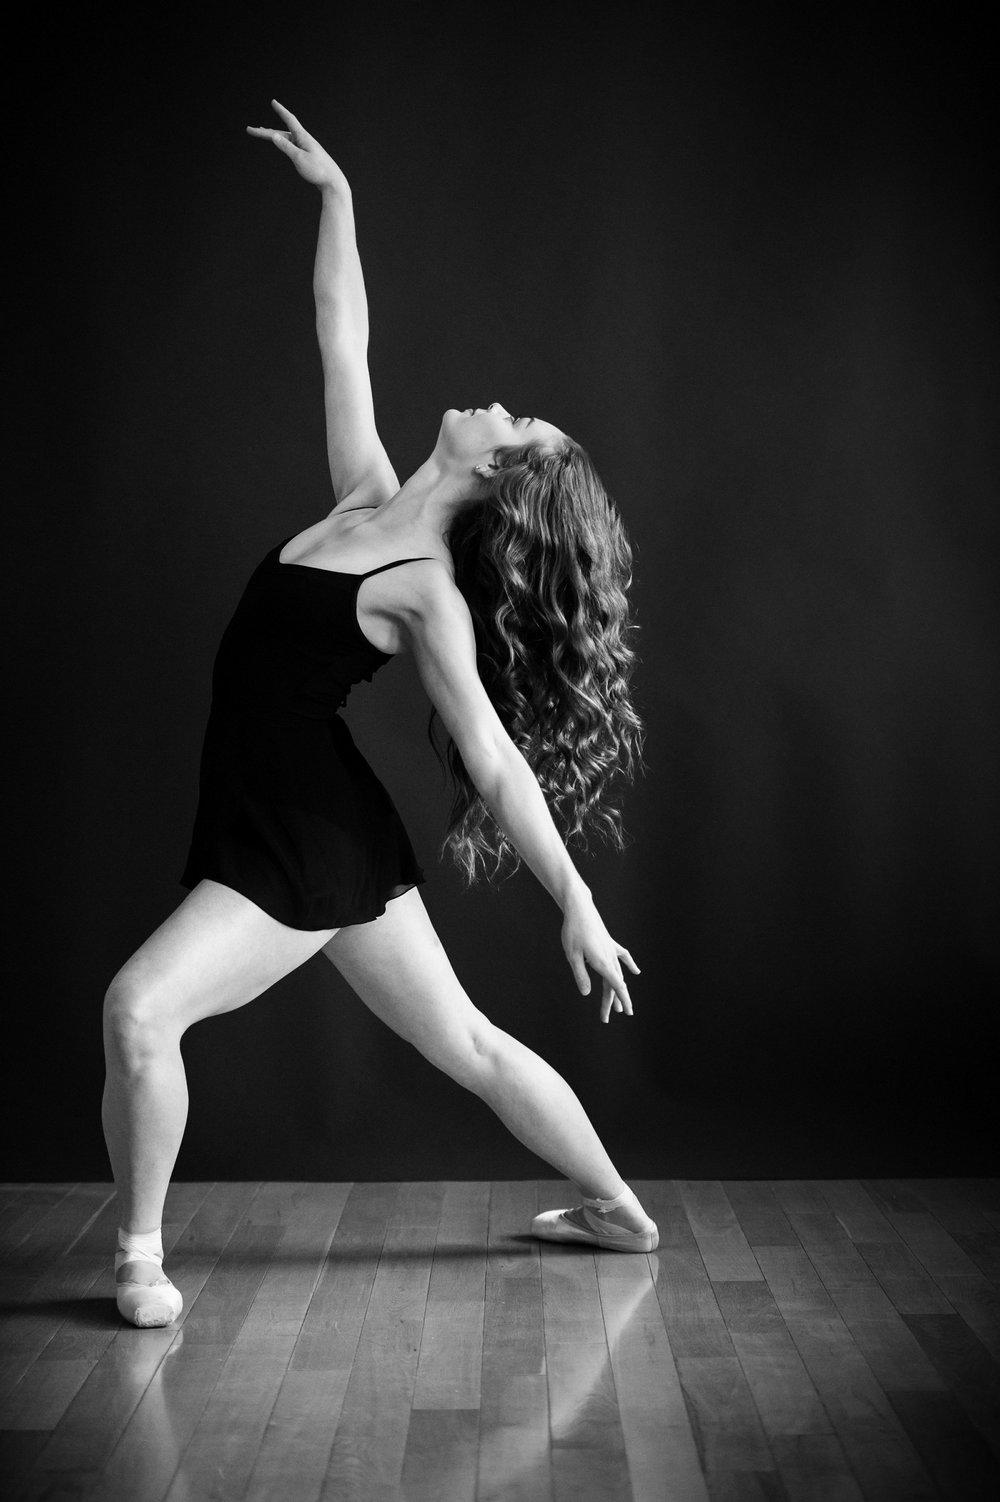 nEO_IMG_Marissa Dance-2-BW.jpg